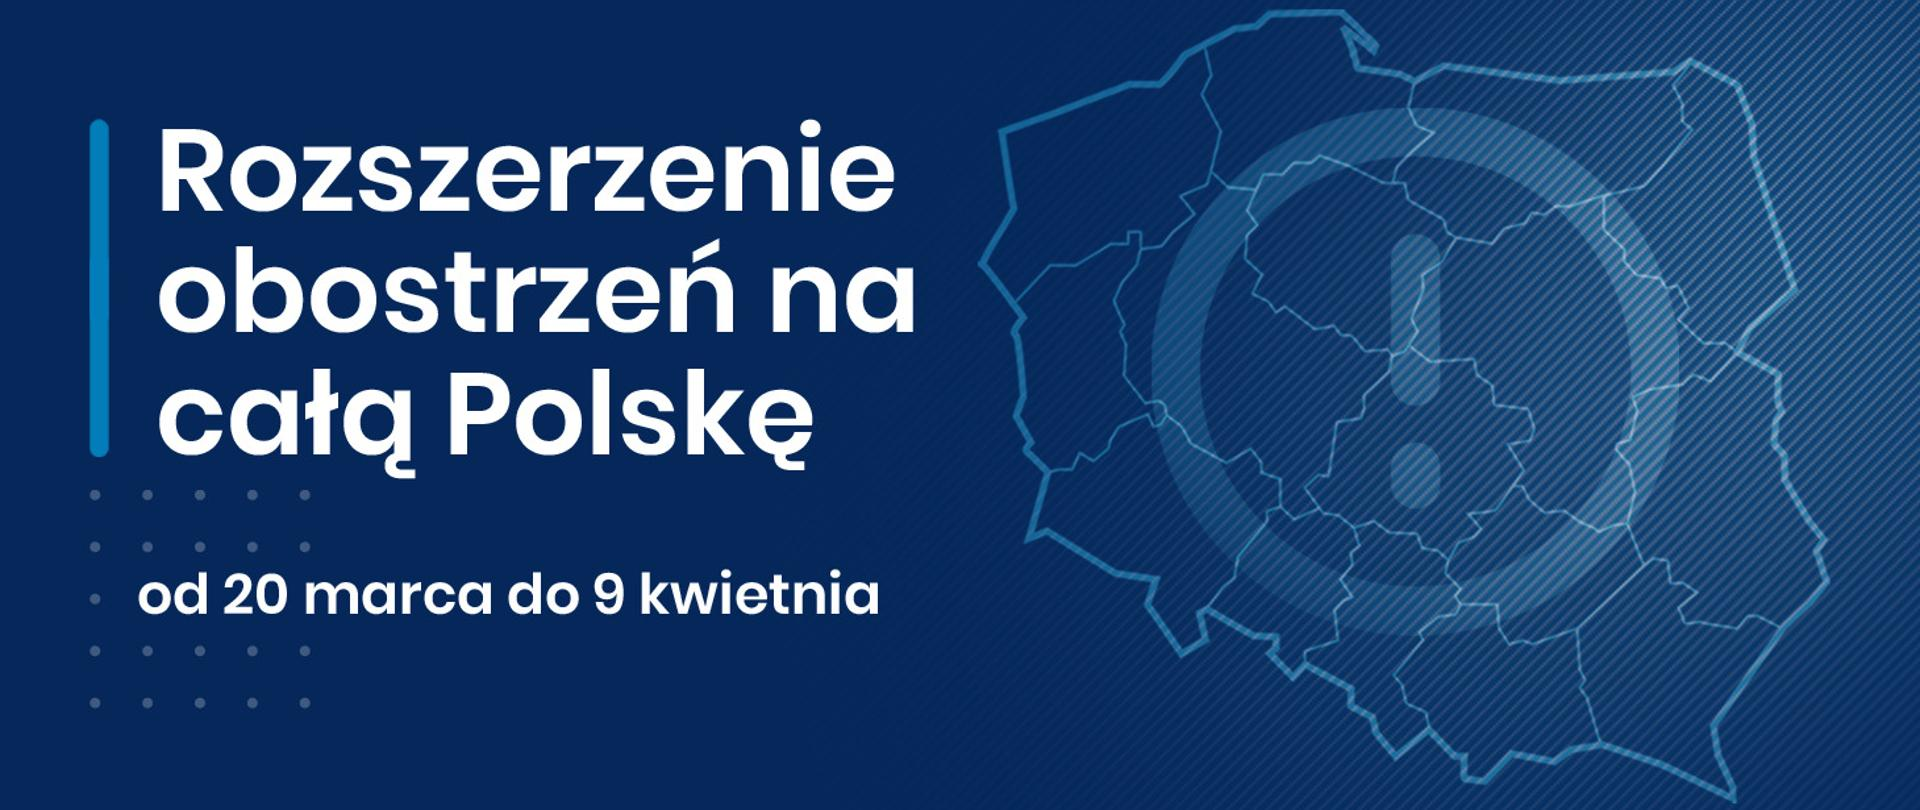 Rozszerzone obostrzenia na całą Polskę